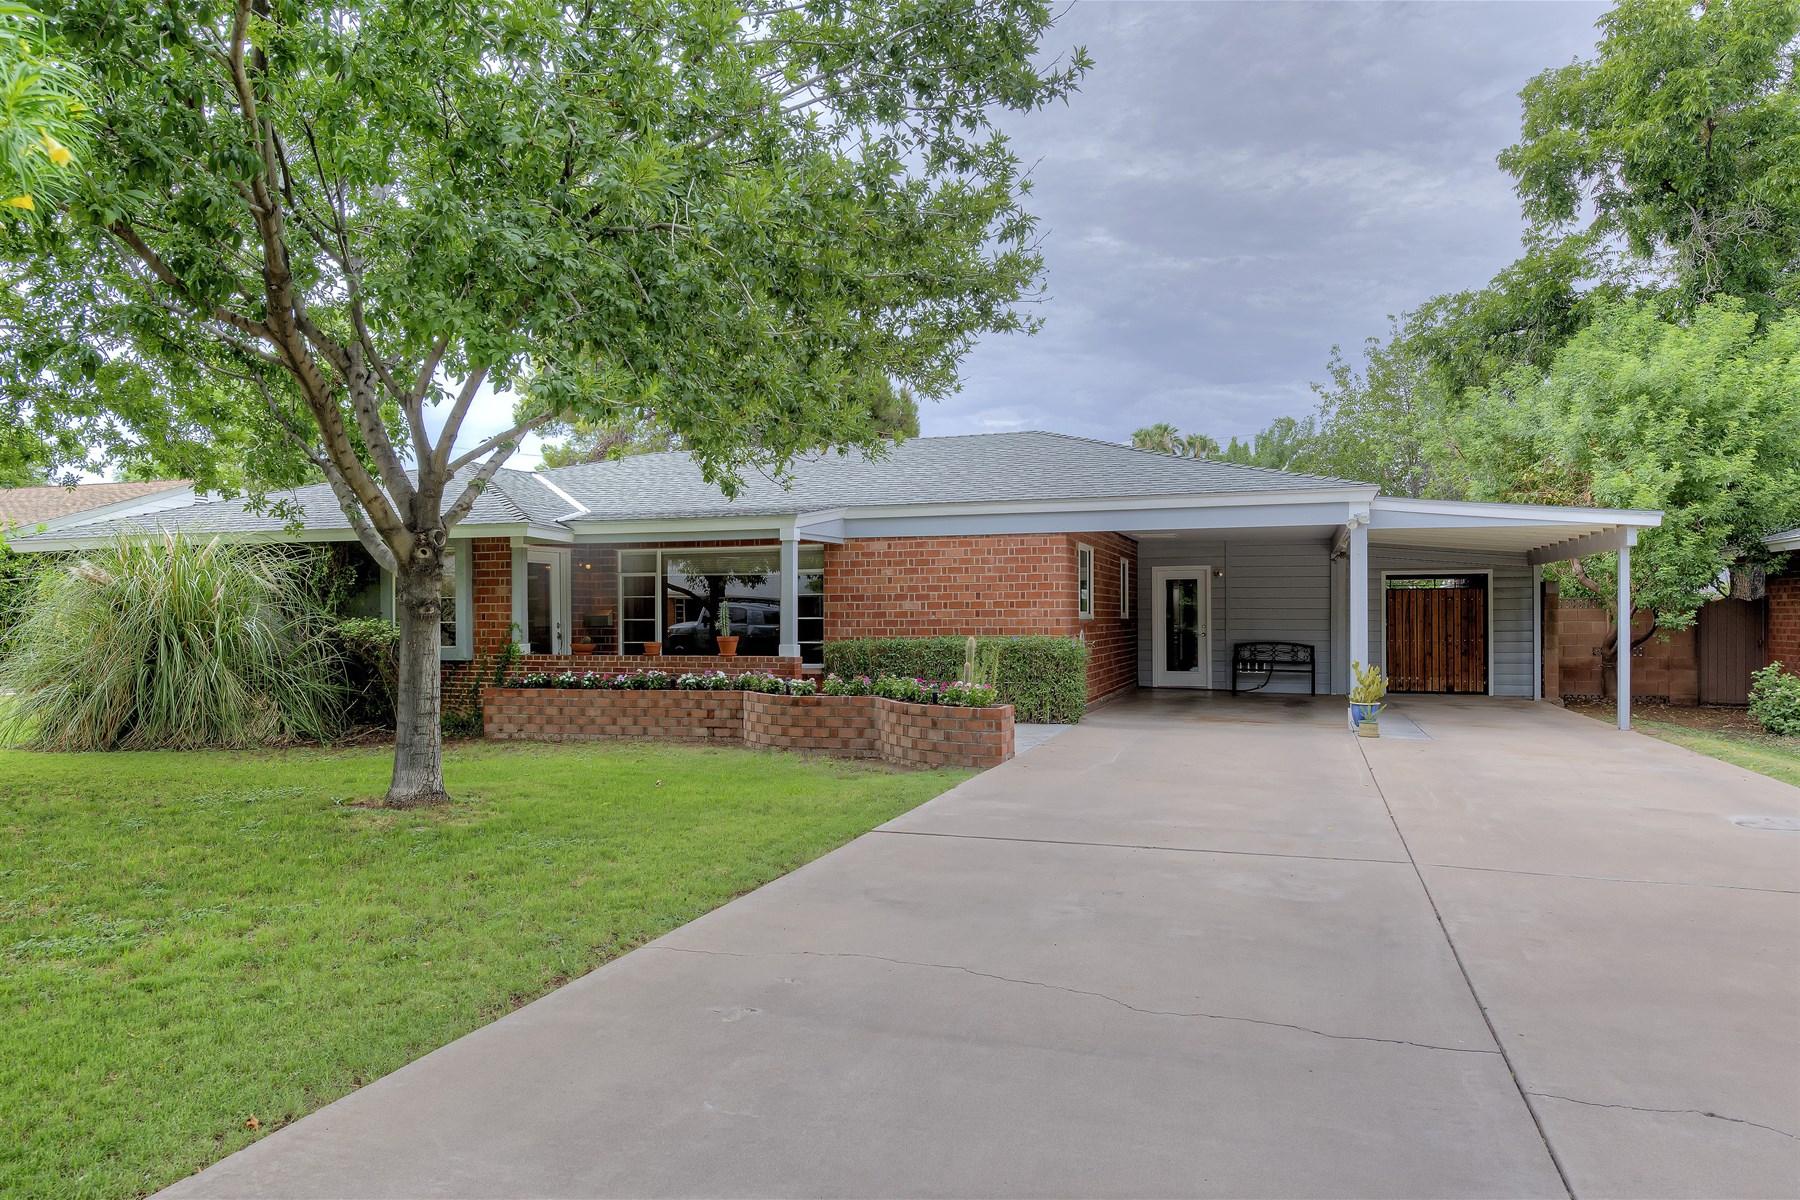 Casa para uma família para Venda às Beautifully remodeled red brick Arcadia home. 4231 E PINCHOT AVE Phoenix, Arizona 85018 Estados Unidos